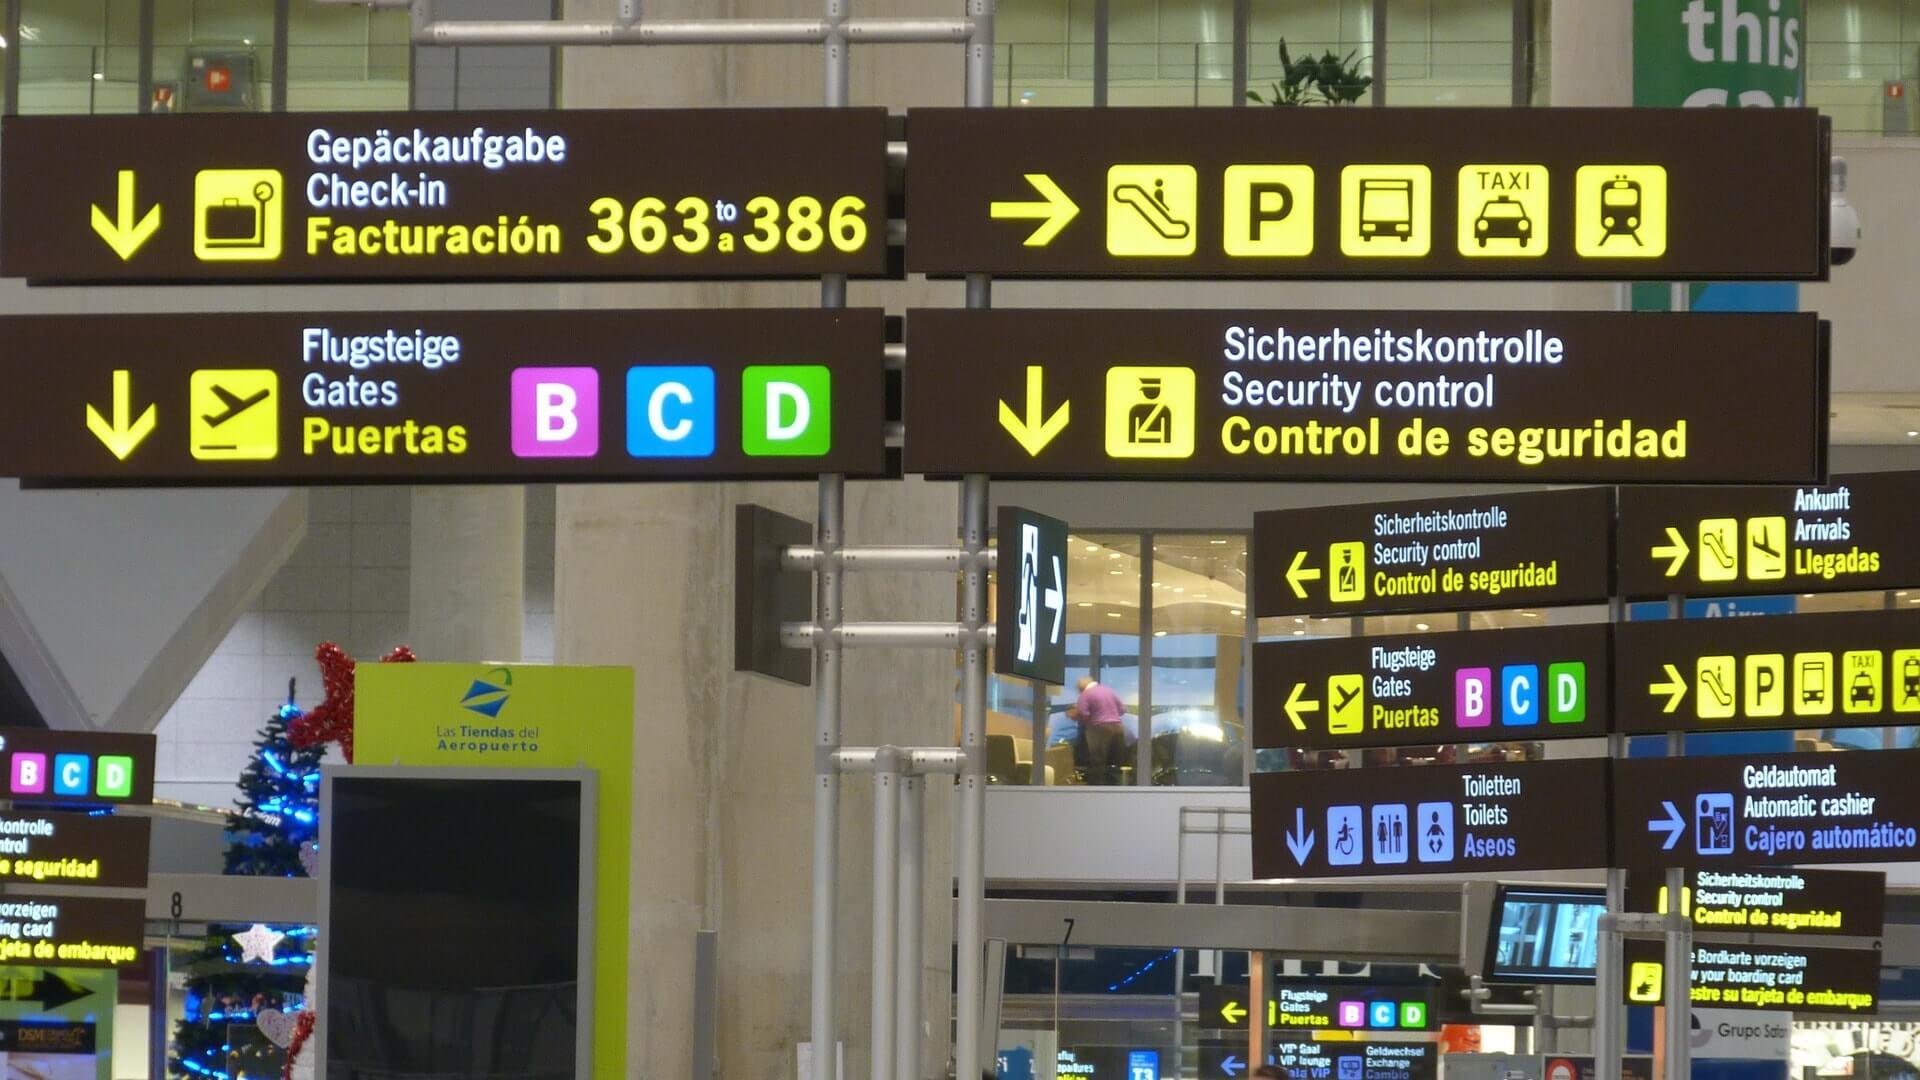 señalizacion en aeropuerto